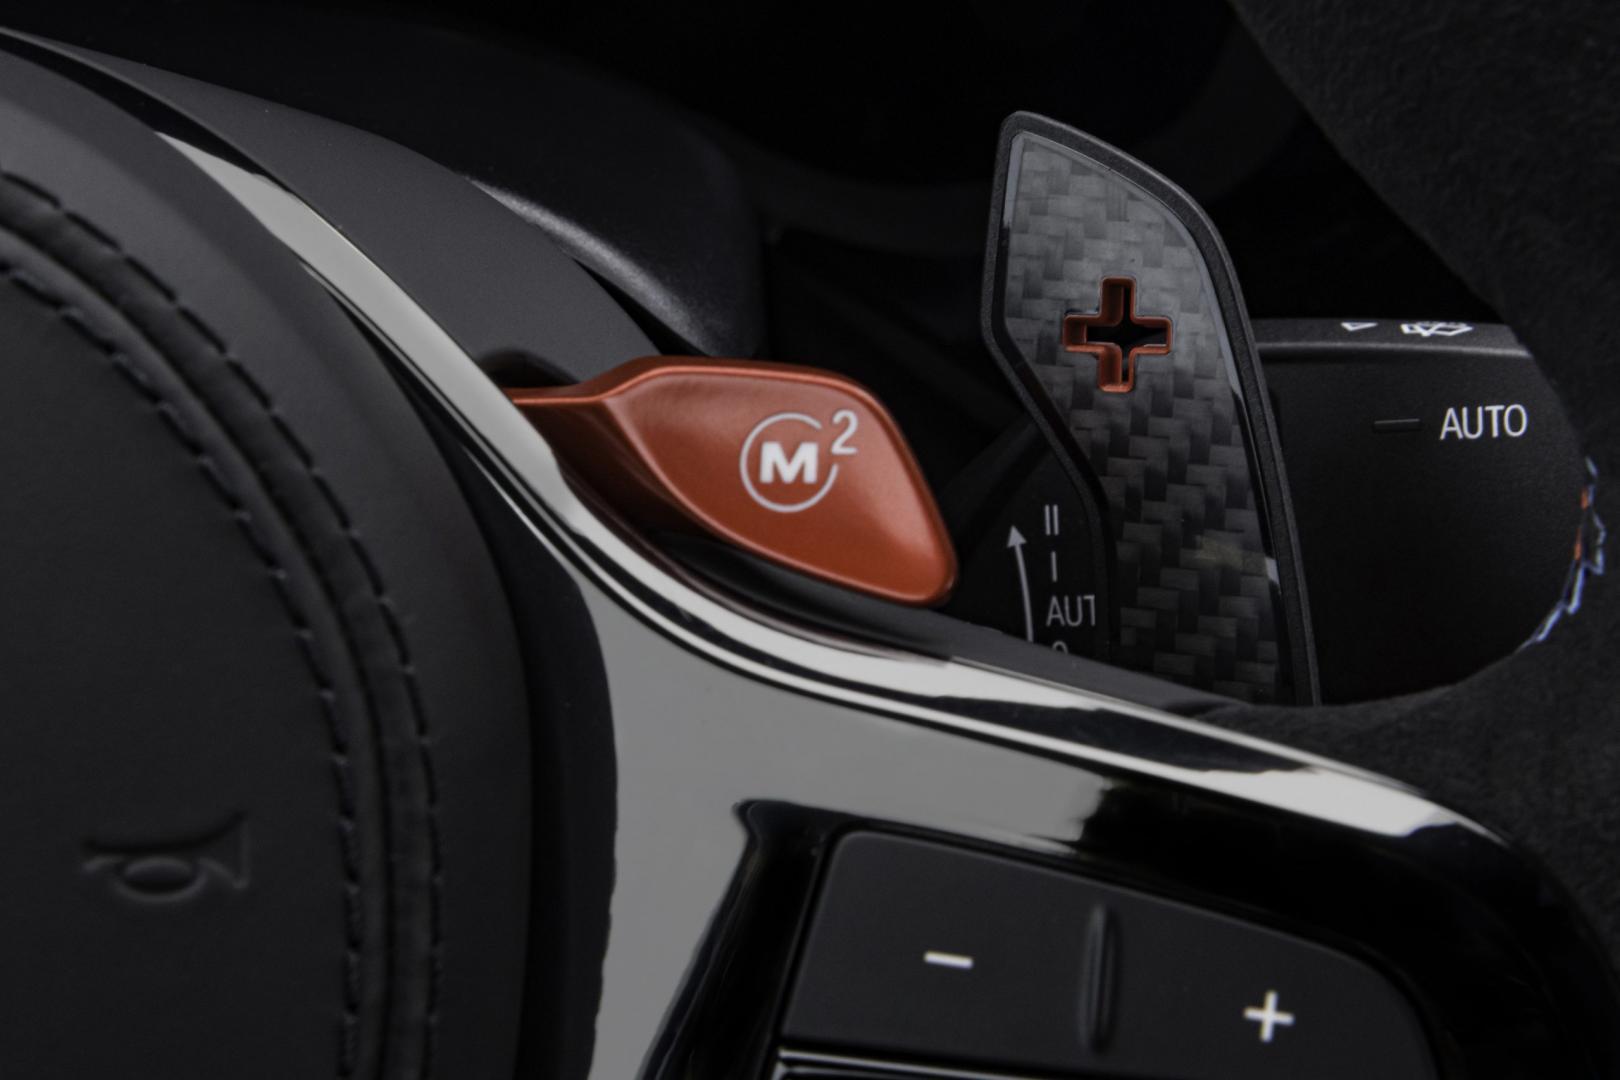 Stuur van BMW M5 CS met M-knop